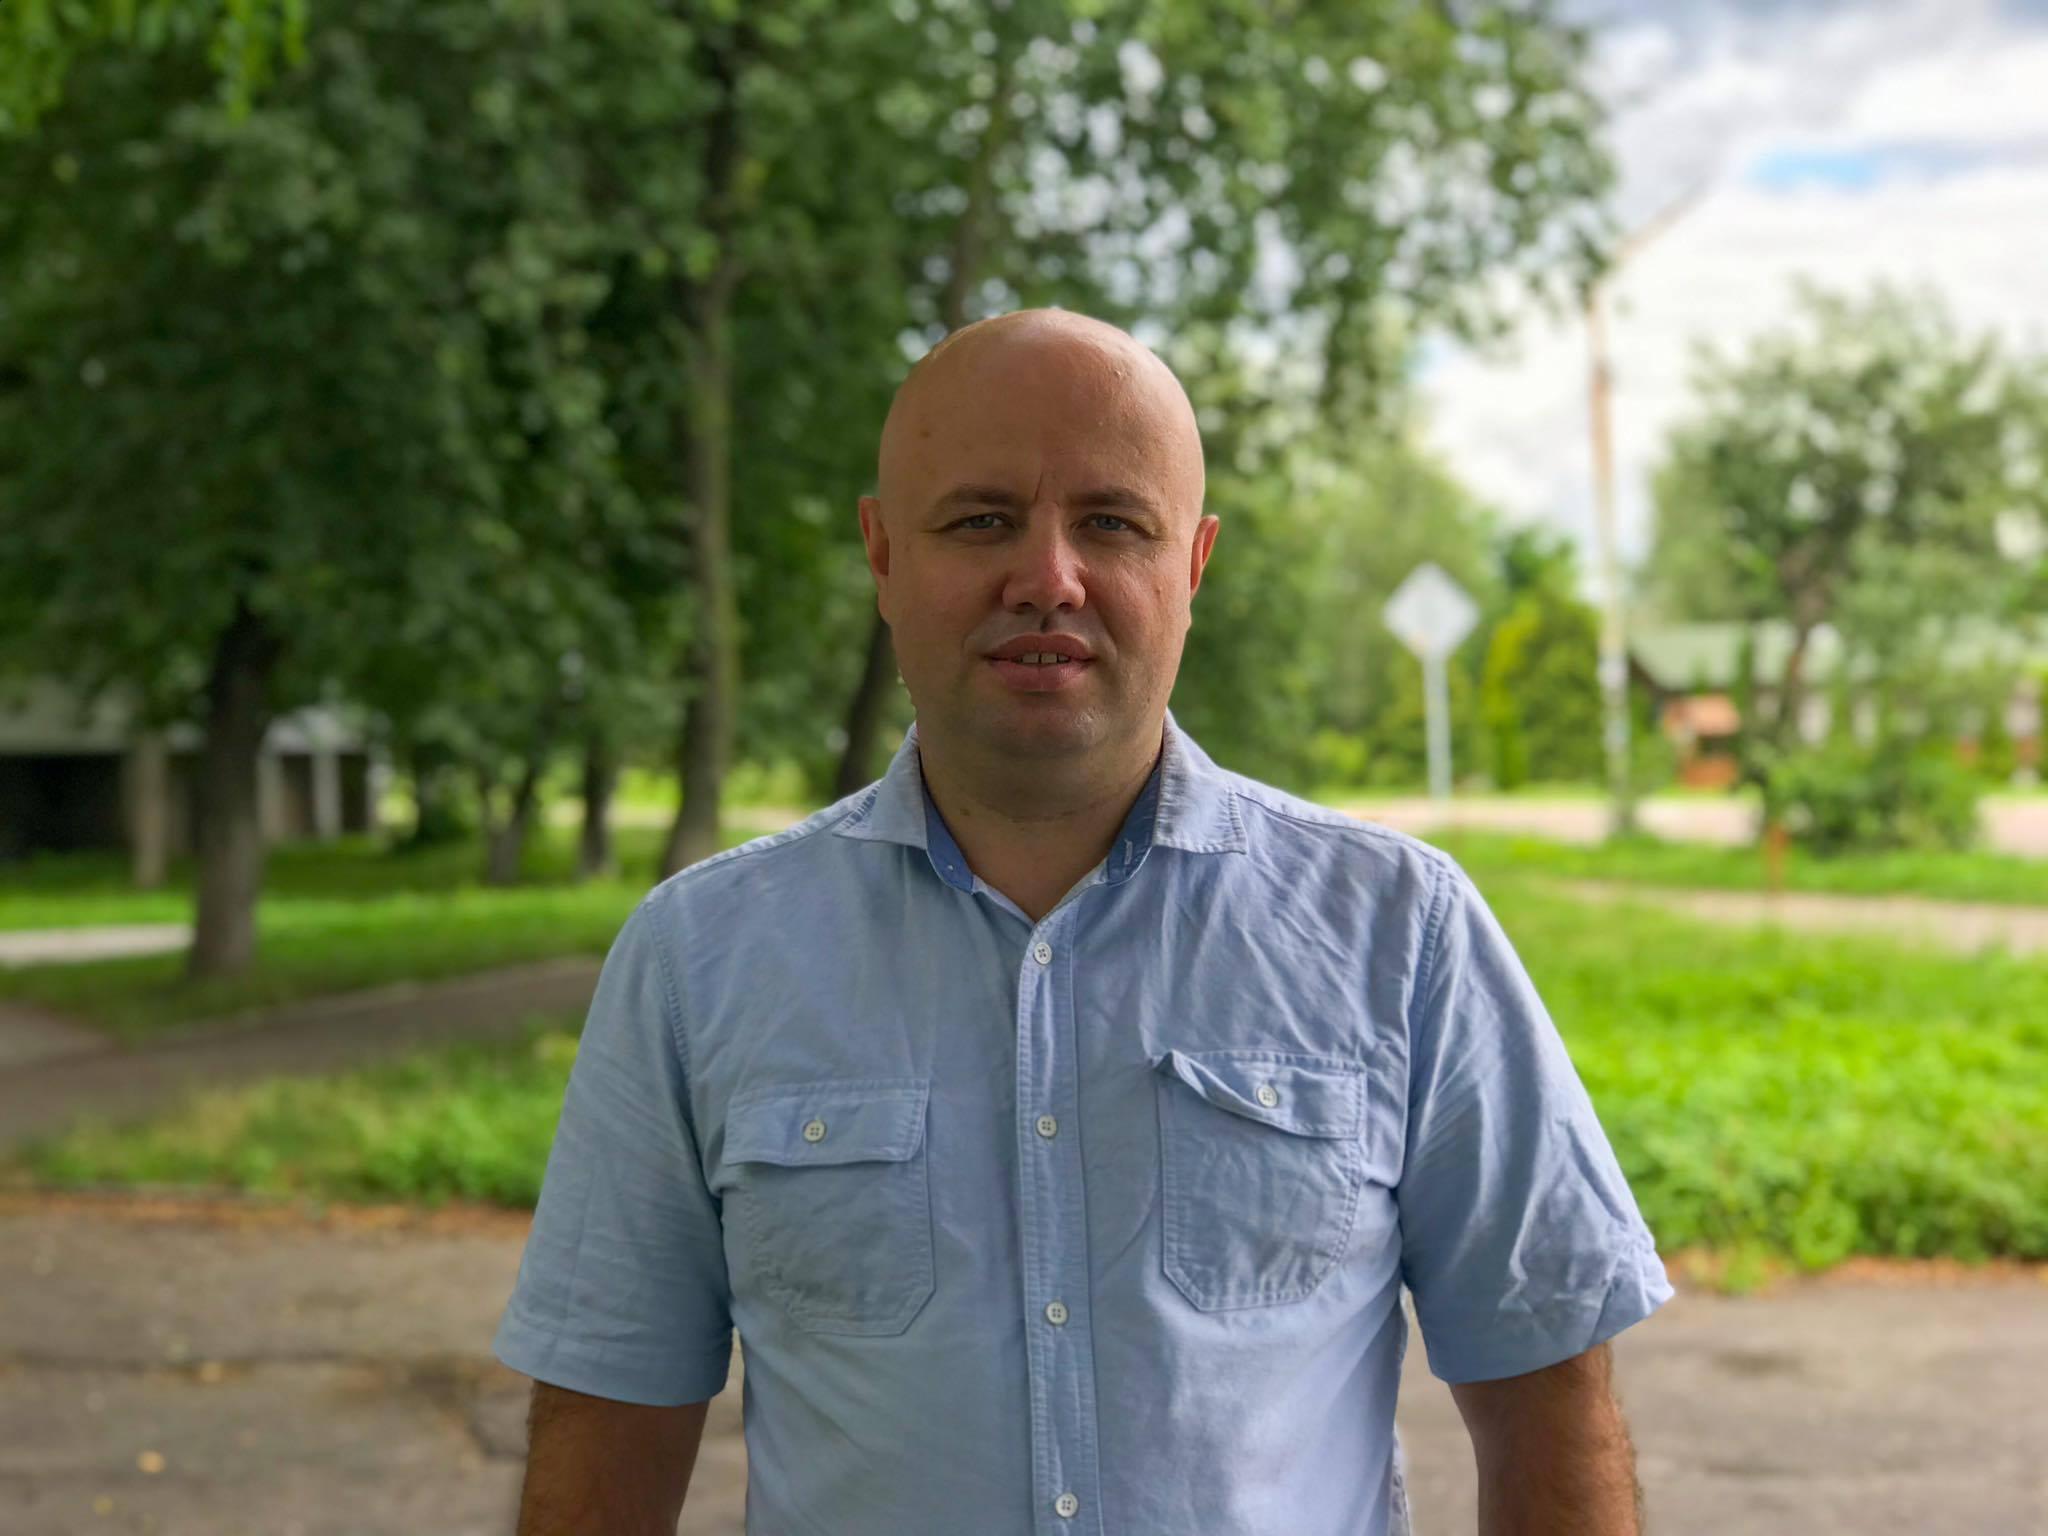 Назарій Білобран:  «Маємо зробити так, щоб молодь хотіла жити в місті!»